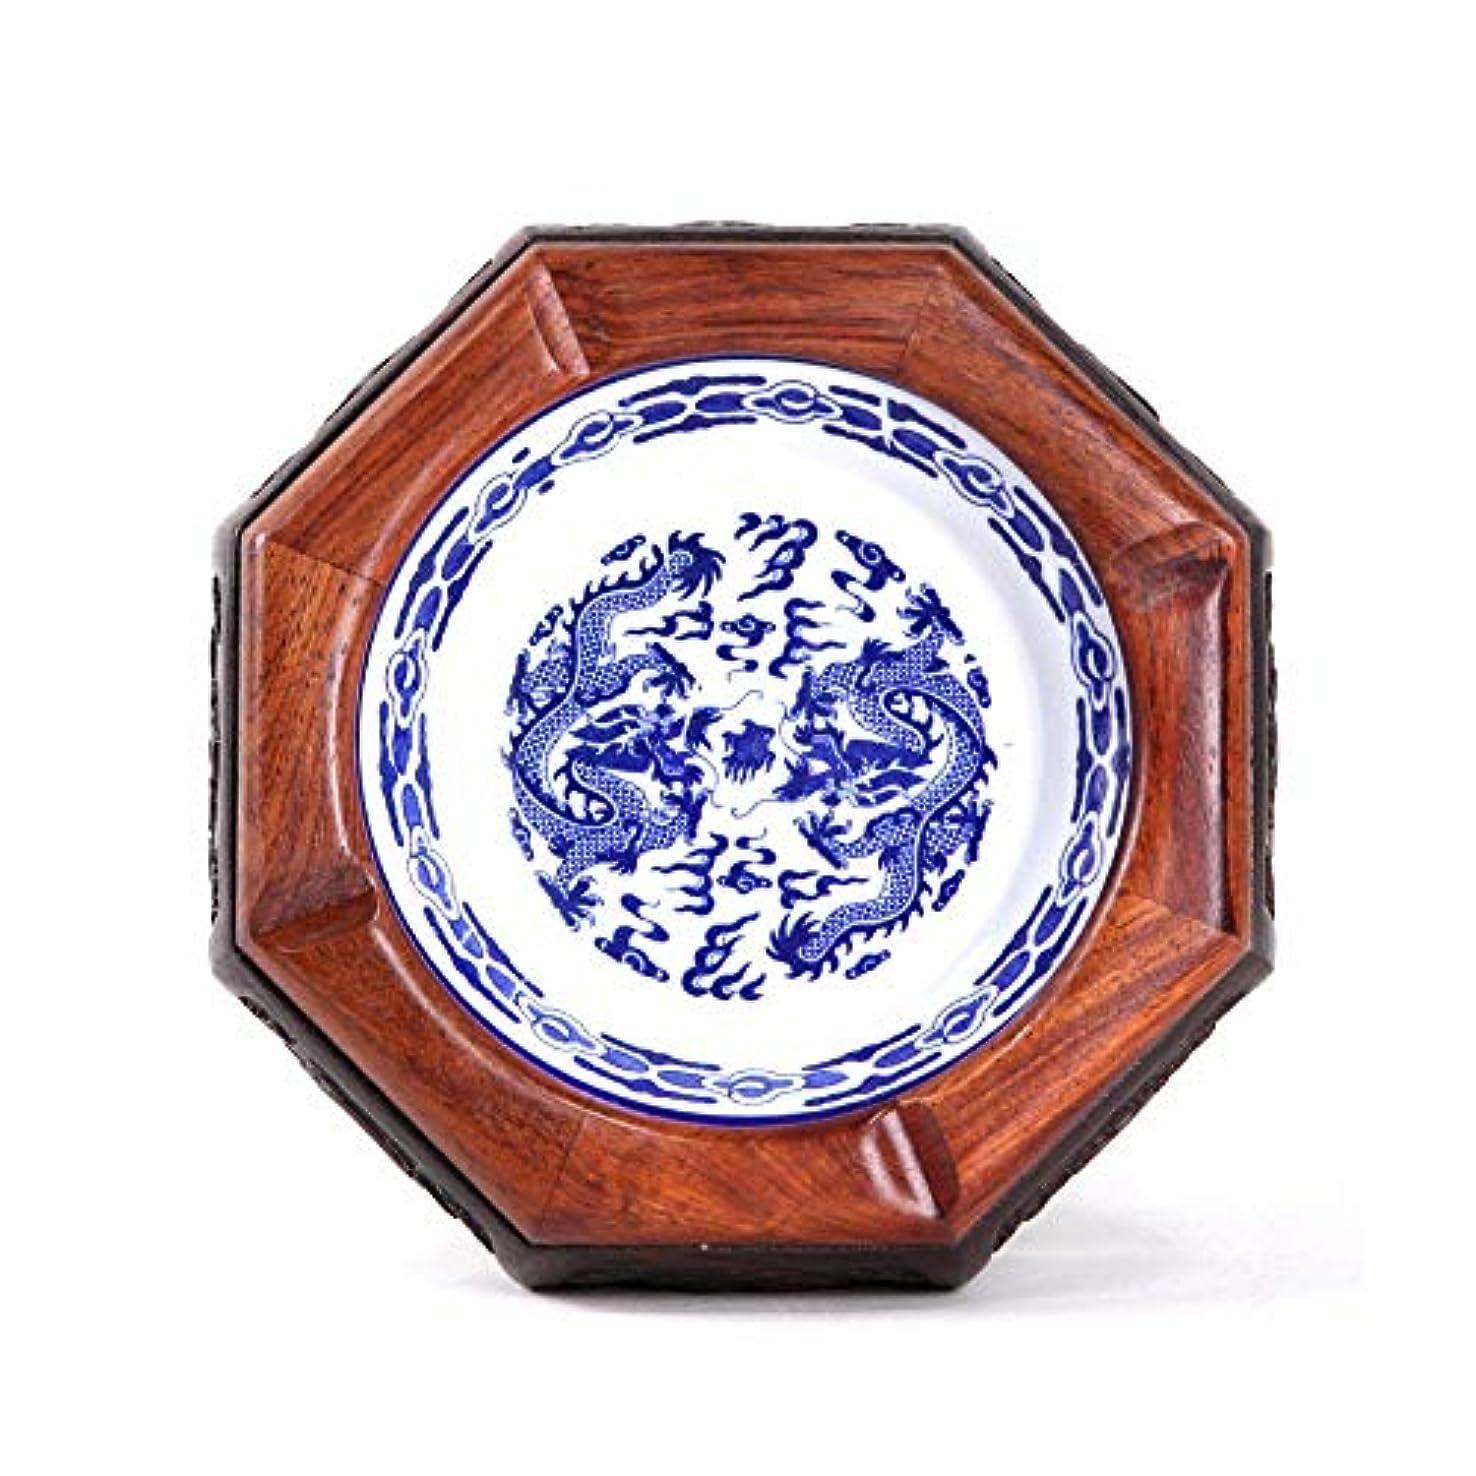 鏡見かけ上ダニオフィスの居間の灰皿、中国のレトロな陶磁器並ぶ木製の灰皿、家の屋内と屋外の庭のエレガントな灰皿 (色 : L)